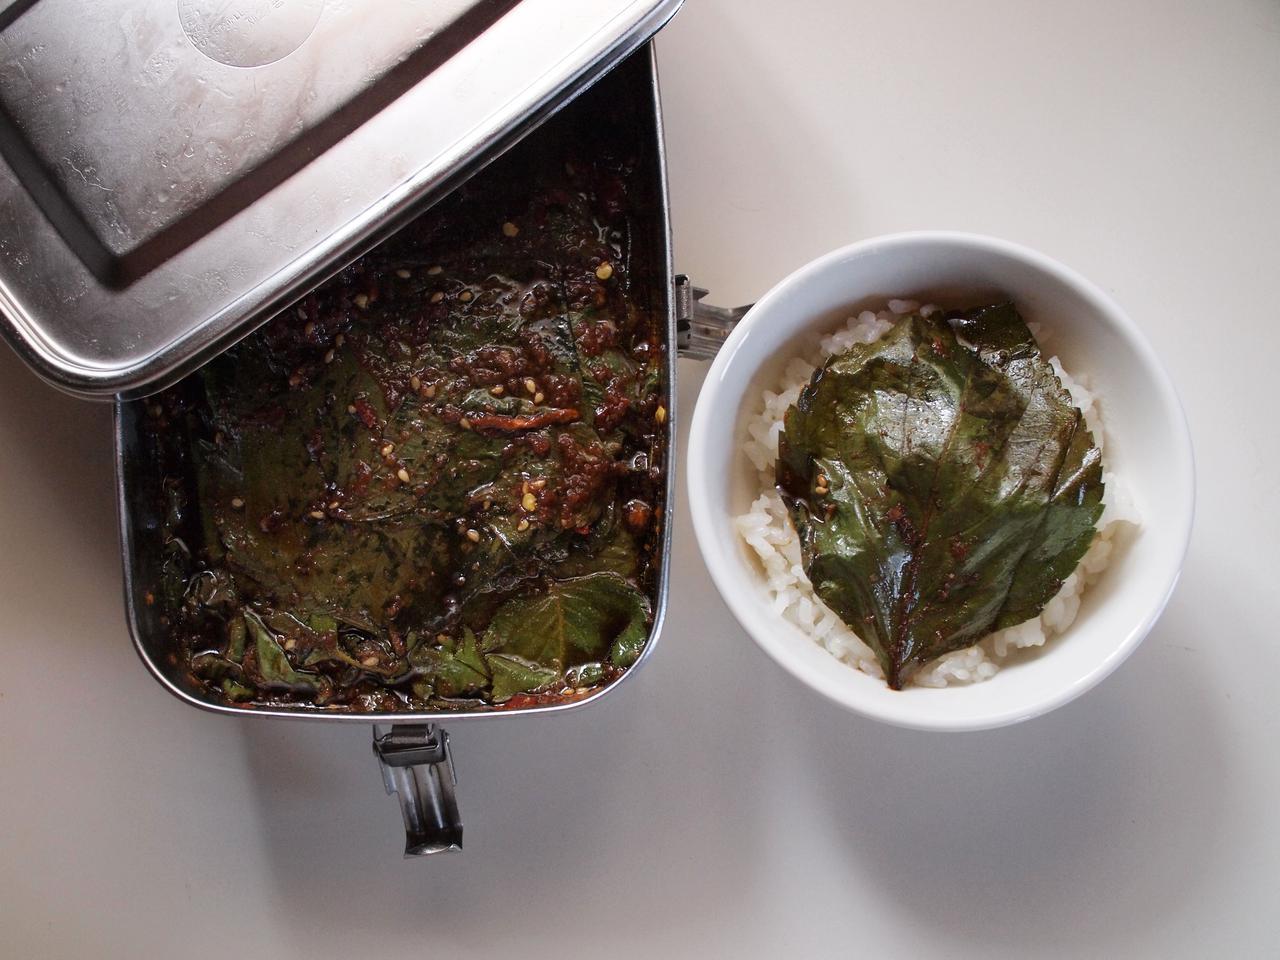 画像: 保存容器はソウルの道具屋で購入したステンレス製のキムチ容器に。冷蔵保存で一年ほどもちます